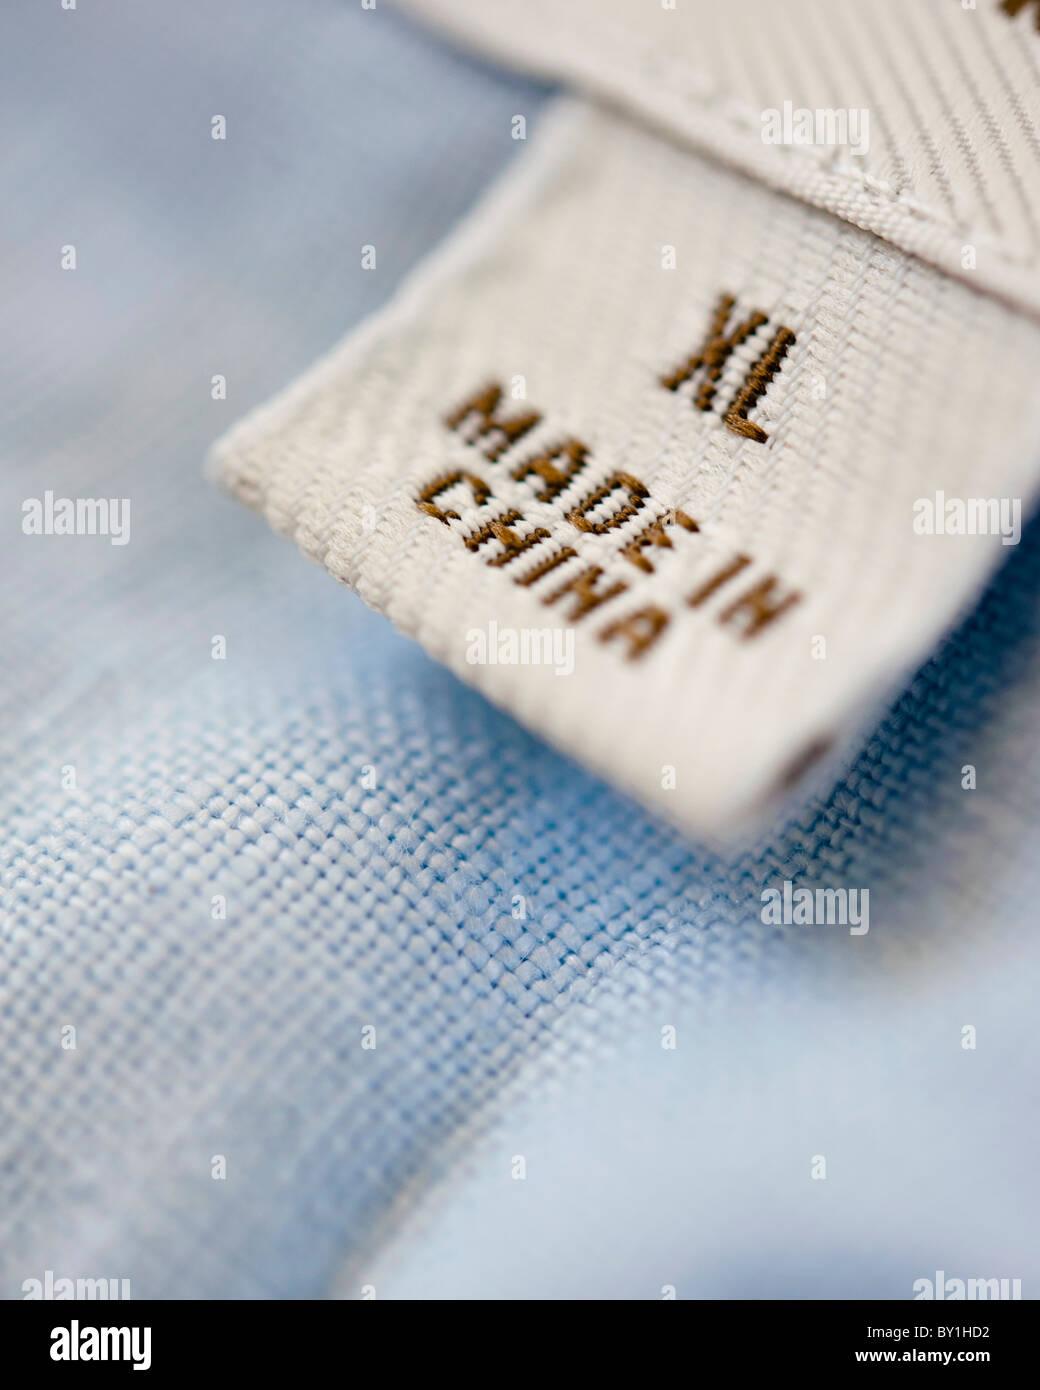 d7ade38e7a51 Detalle de etiqueta con ropa prenda estaba fabricado en China Foto ...